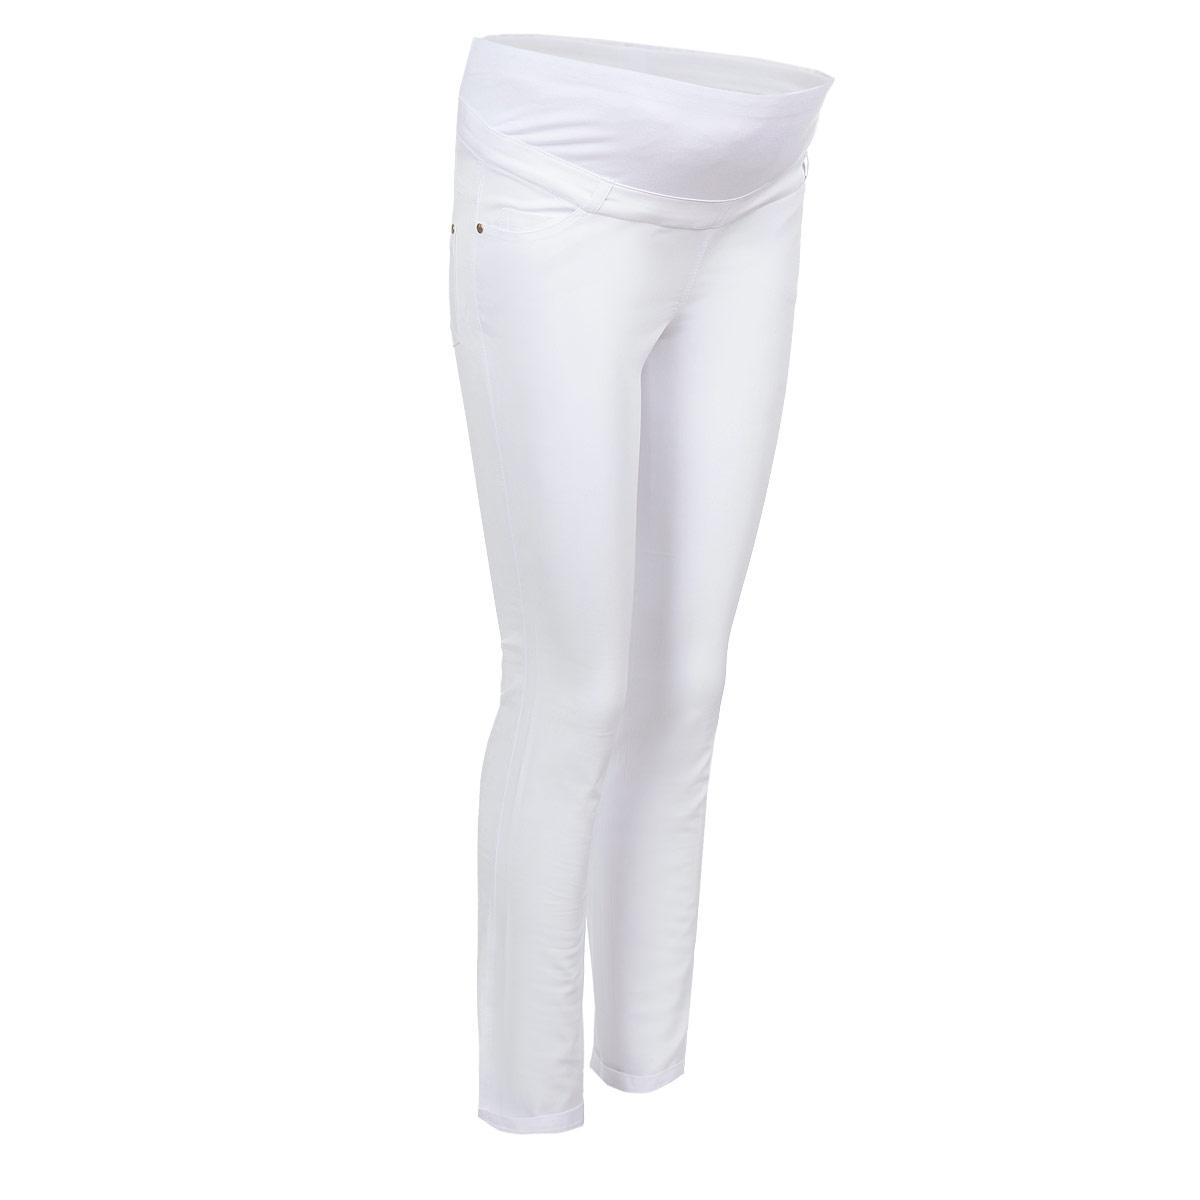 Брюки5422.2Стильные брюки для беременных Nuova Vita выполнены из тонкого эластичного материала. Ткань приятная на ощупь, не вызывает раздражений и надежно сохраняет тепло. Модель прямого кроя с удобным бандажом на живот и регулируемой резинкой, позволяющей носить эти брюки вплоть до 9 месяца беременности. Спереди брюки дополнены двумя втачными карманами, сзади - двумя накладными карманами. На поясе предусмотрены шлевки для ремня. Такие брюки подарят вам комфорт и свободу движений и займут достойное место в гардеробе молодой мамы.